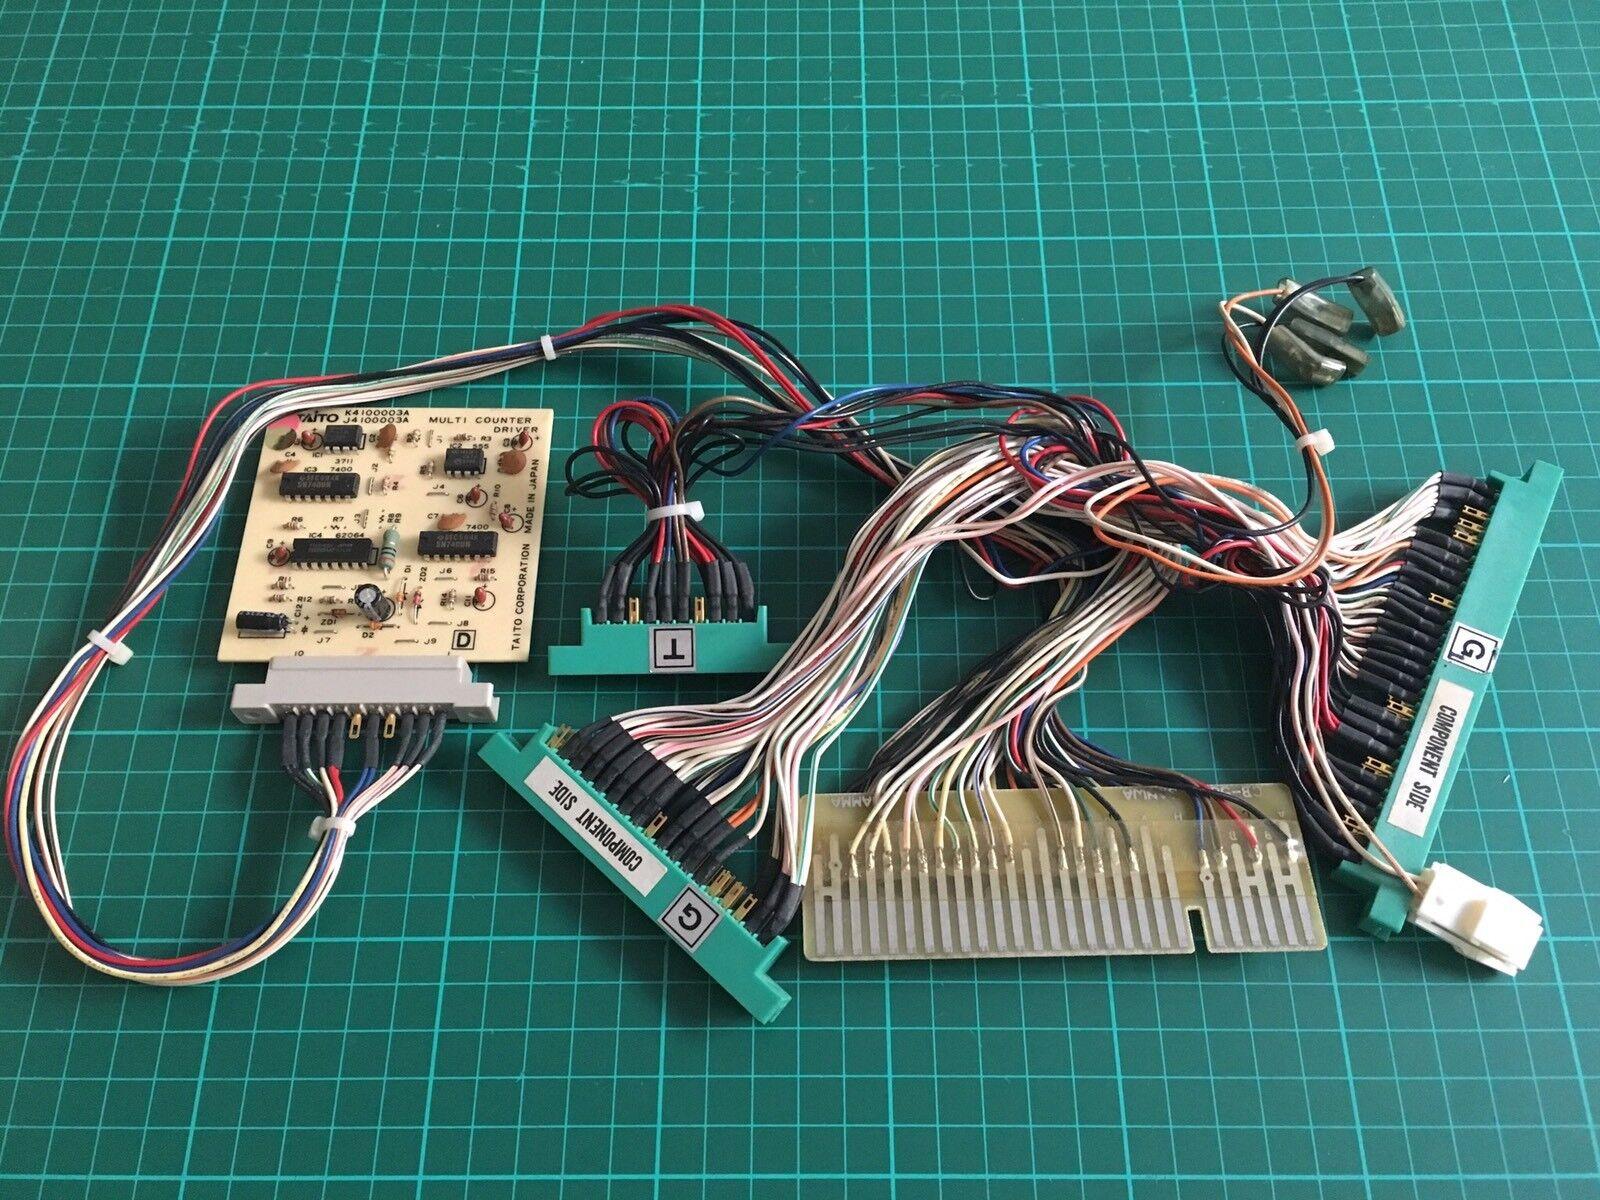 Adapter Jamma To Non Jamma Pcb  Original Taito Egret 29   Canary Borne Are